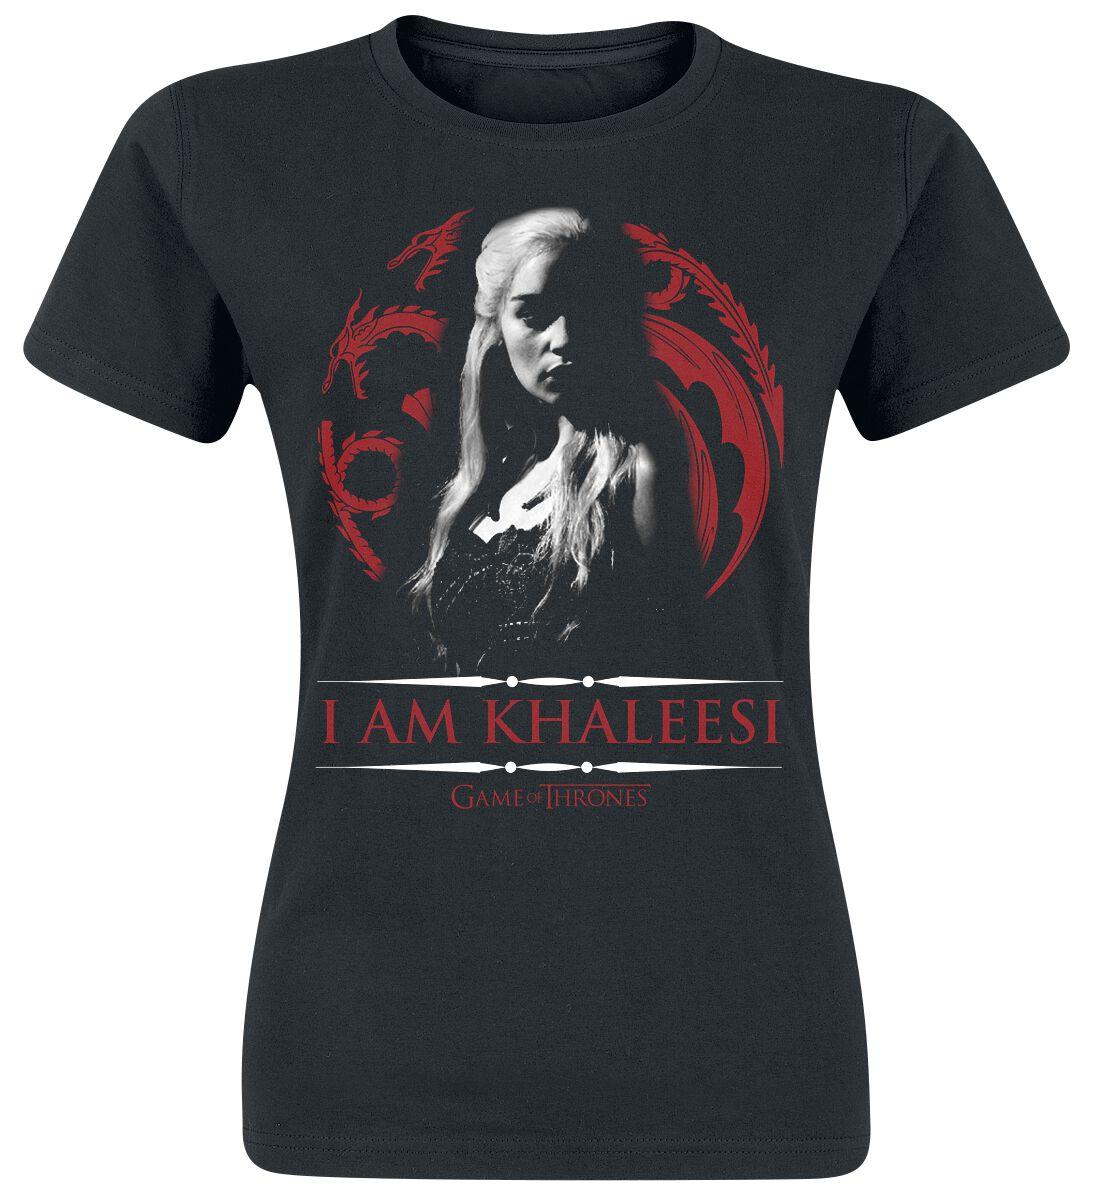 Image of   Game Of Thrones Daenerys Targaryen - I Am Khaleesi Girlie trøje sort